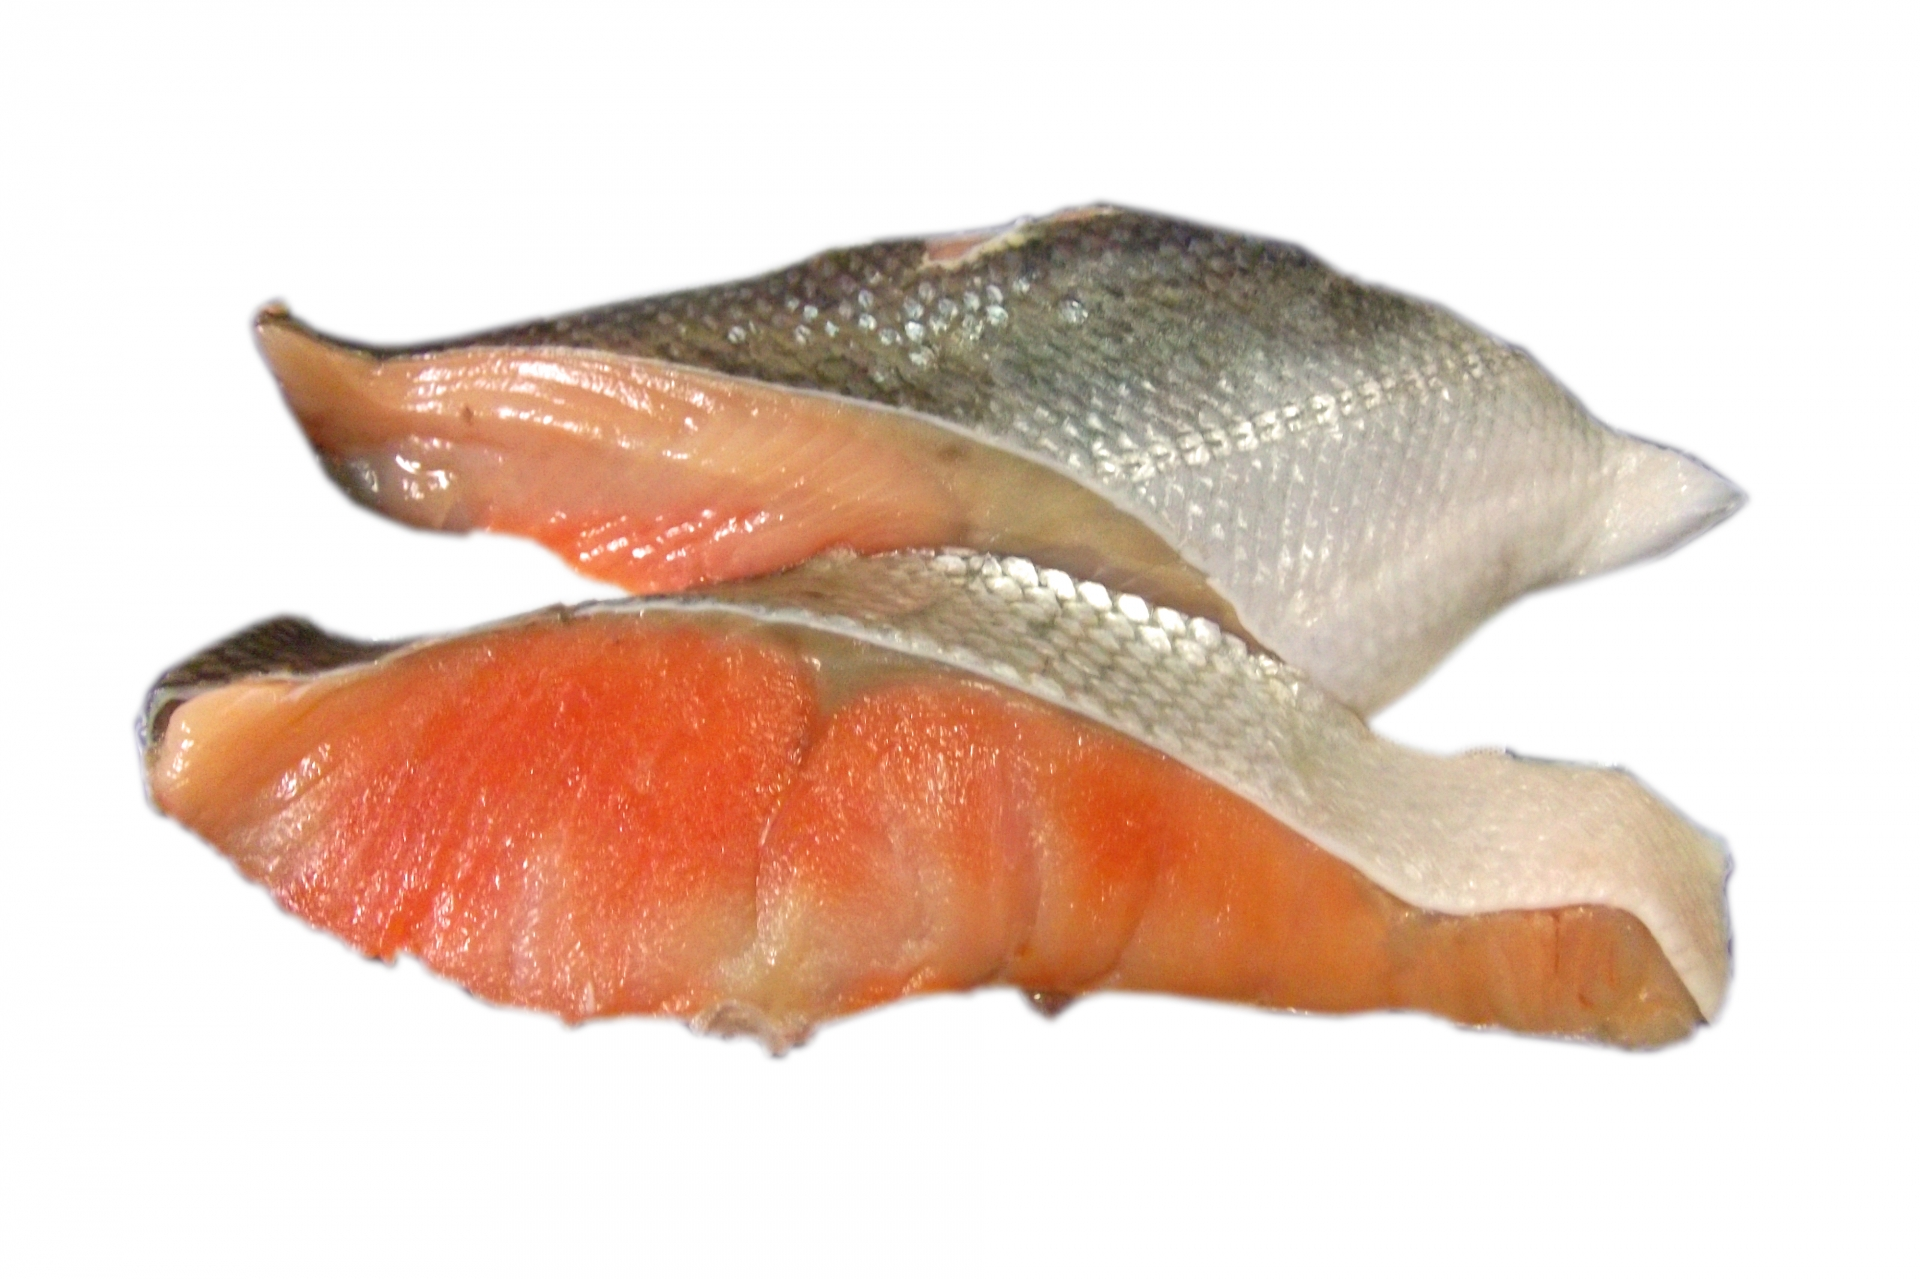 アスタキチンサンが豊富に含まれる鮭の育毛効果とは?